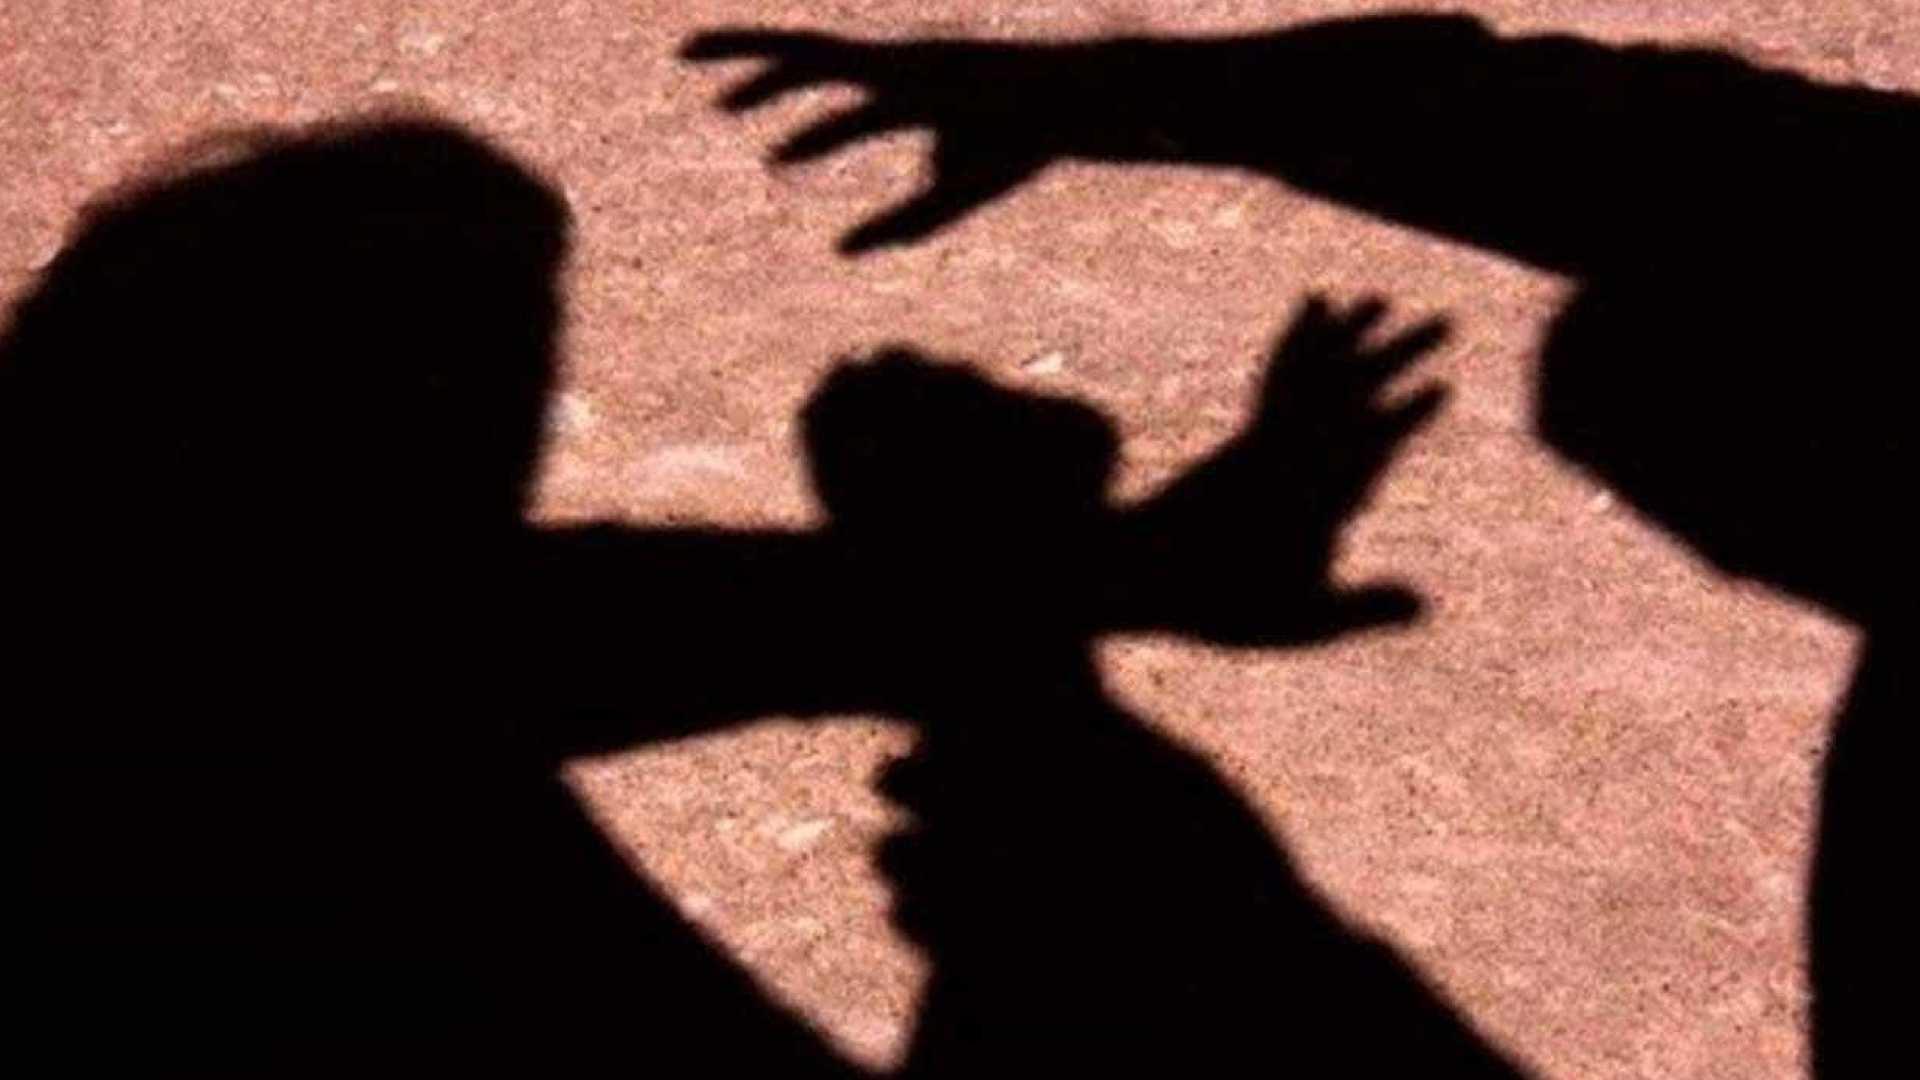 naom 5994b9b08714d - Pai força filha de 13 anos a entrar em matagal e estupra adolescente